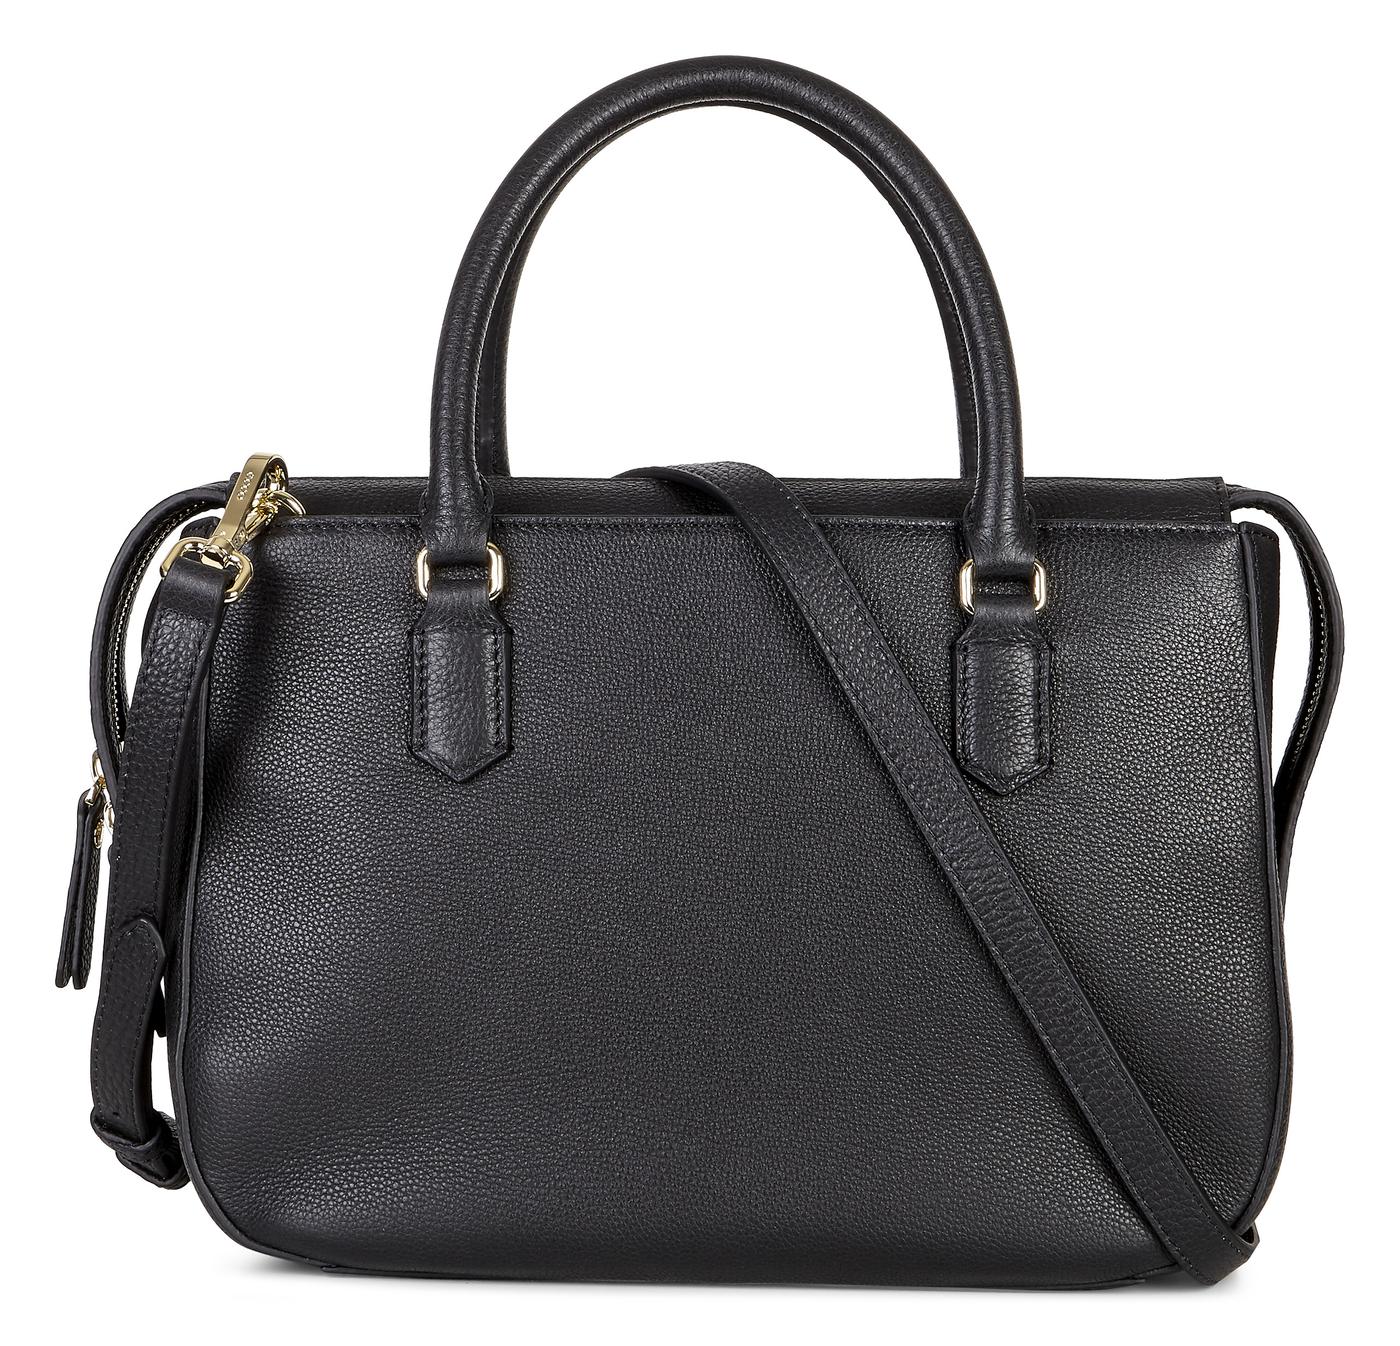 ECCO Kauai Handbag